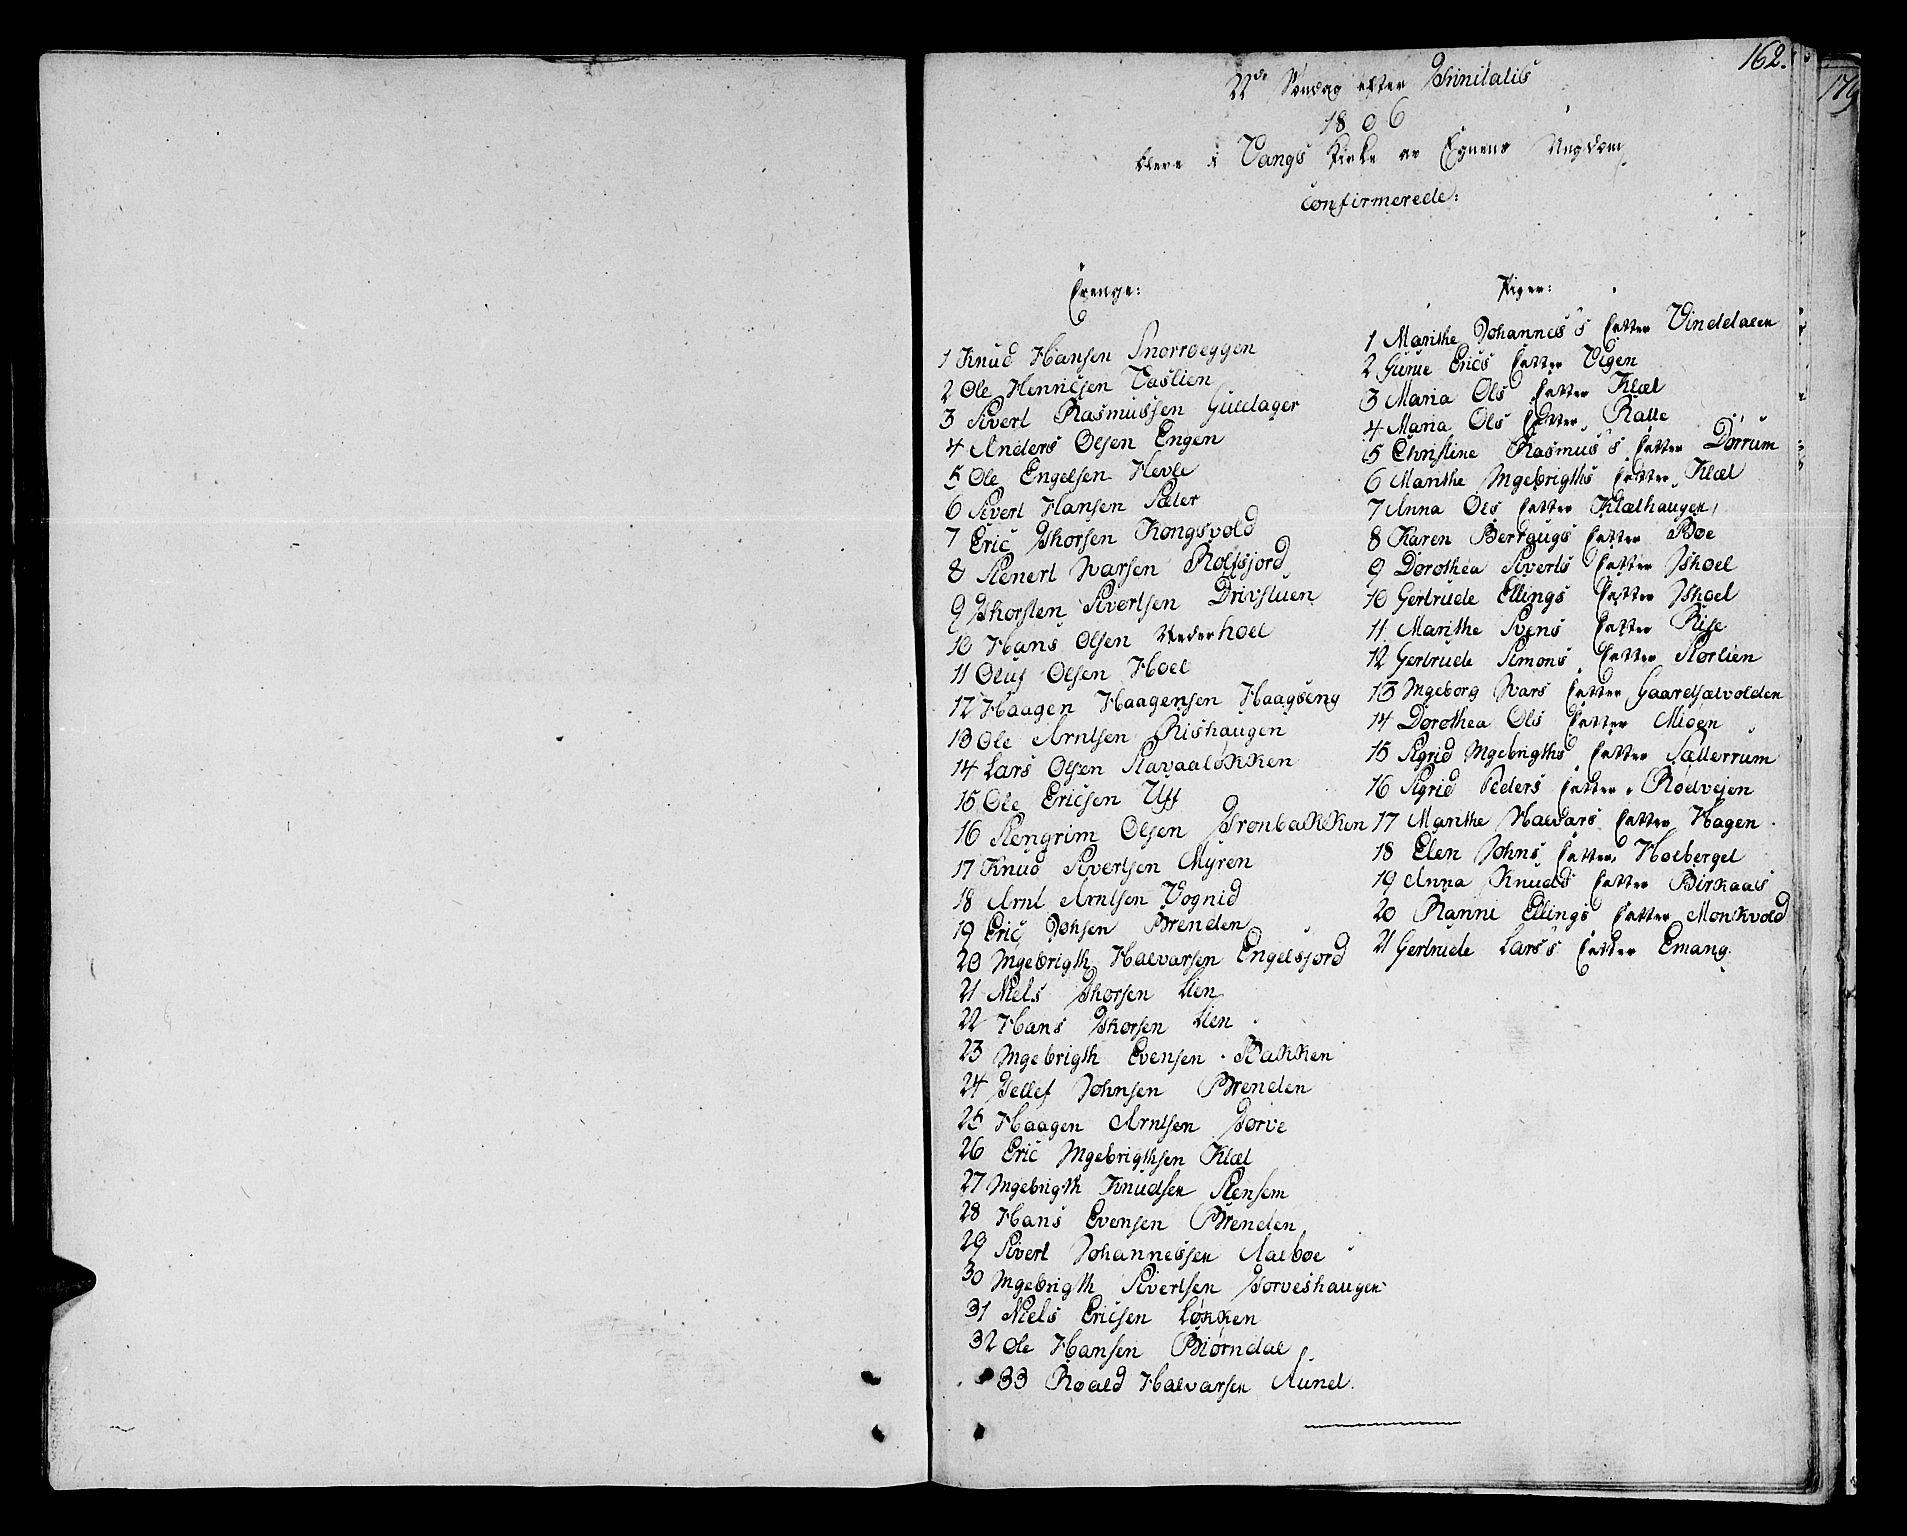 SAT, Ministerialprotokoller, klokkerbøker og fødselsregistre - Sør-Trøndelag, 678/L0894: Ministerialbok nr. 678A04, 1806-1815, s. 162